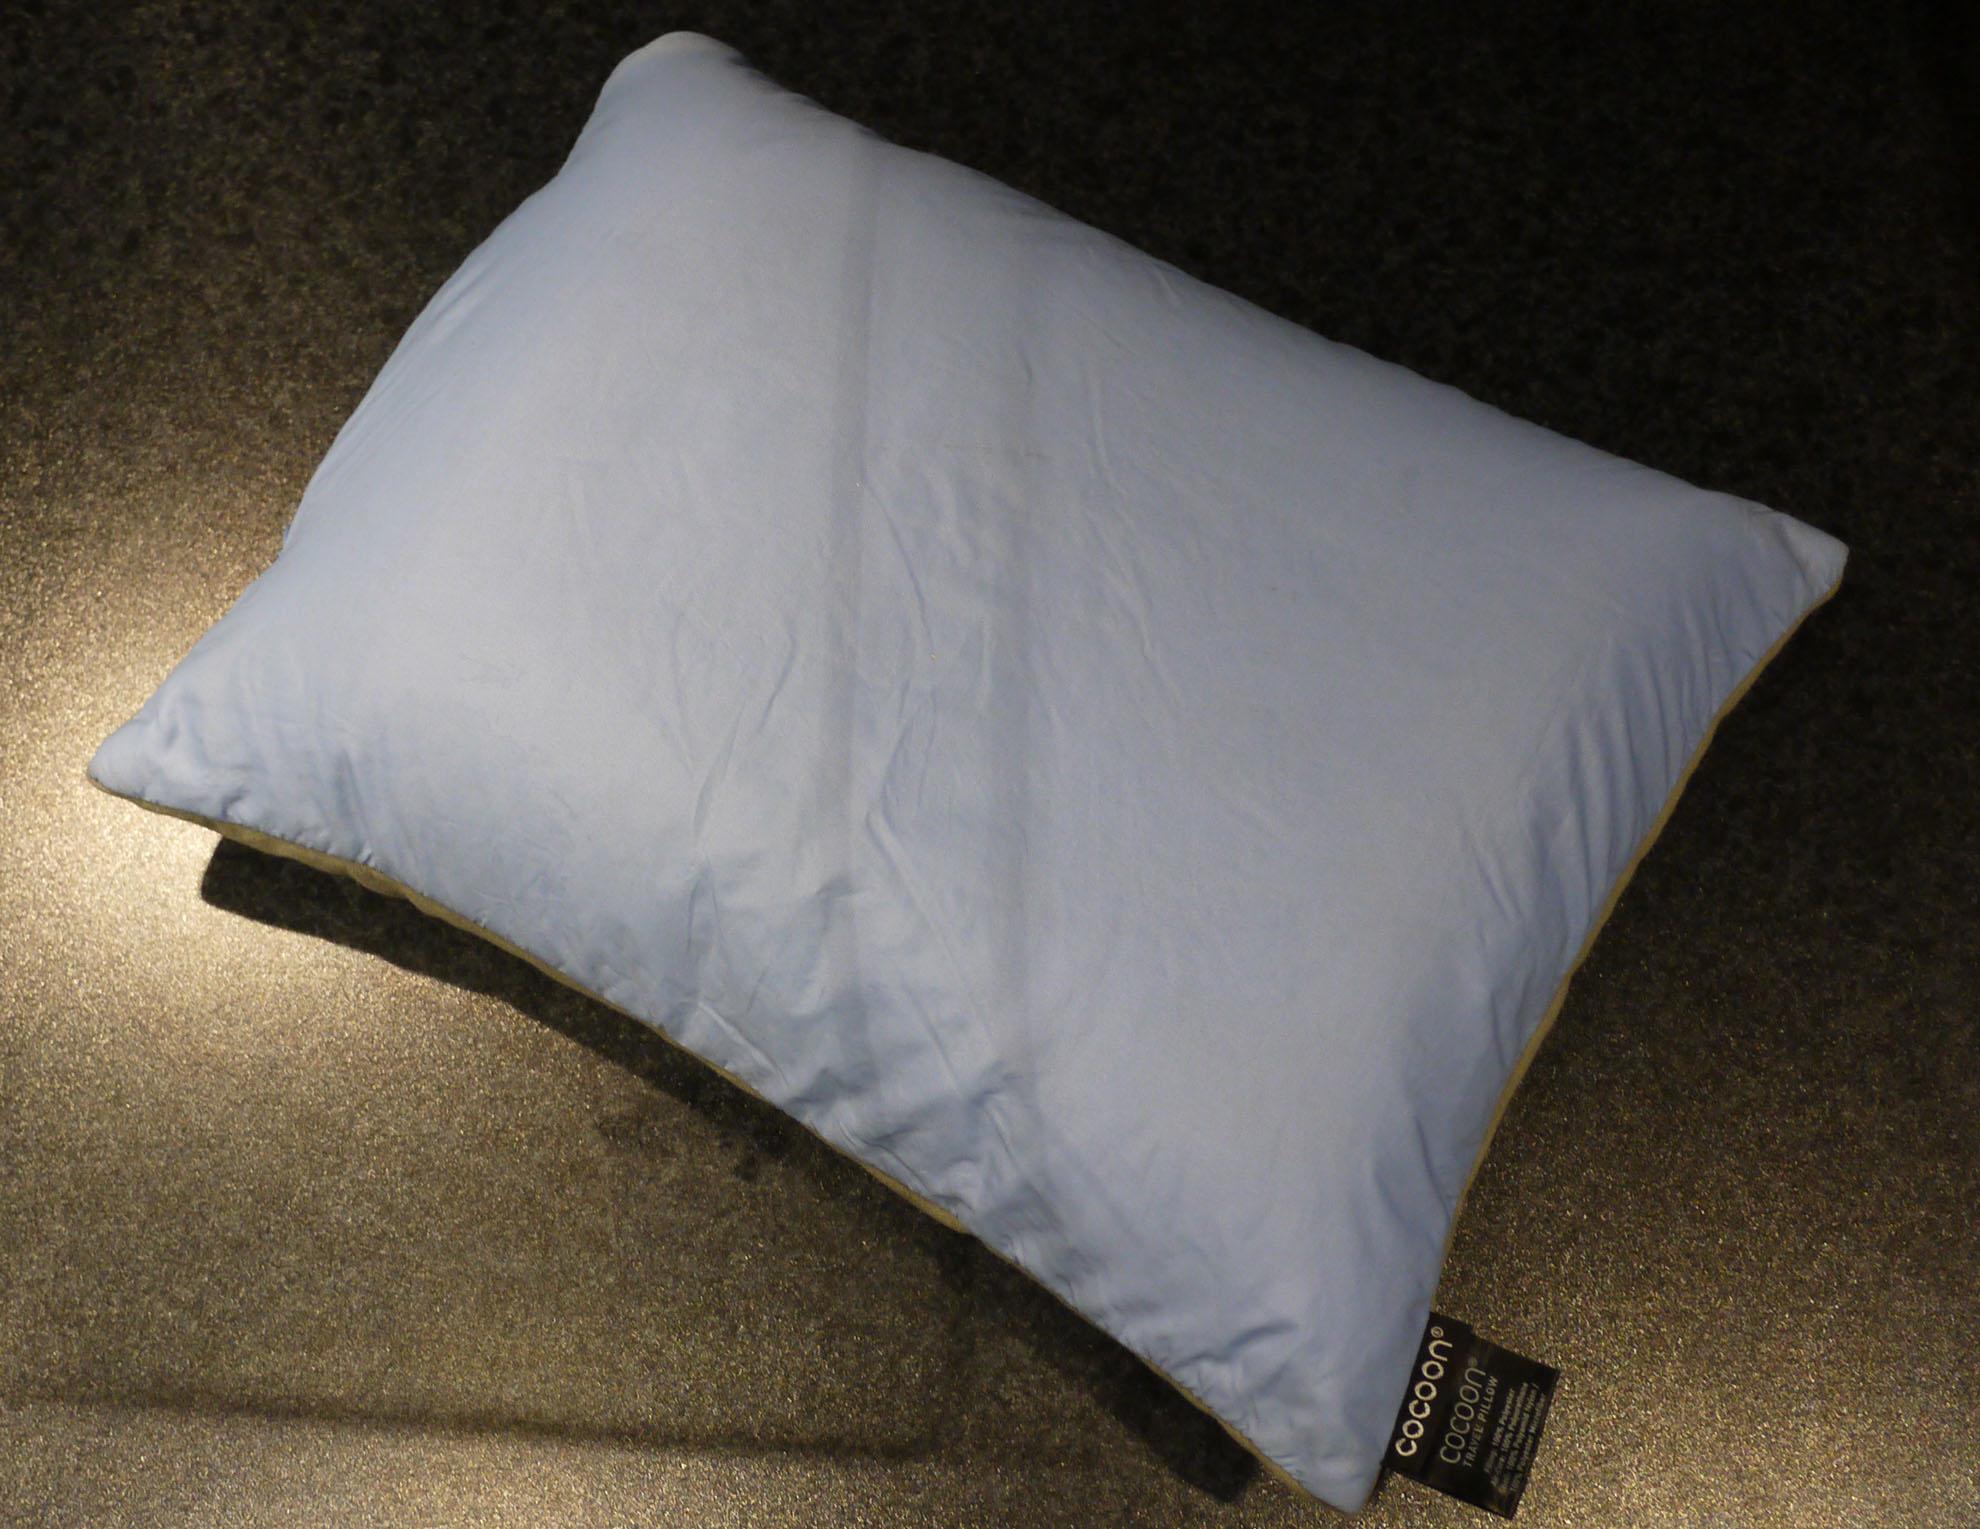 Uppblåsbar kudde: Cocoon Air Core Travel Pillow Ultralight